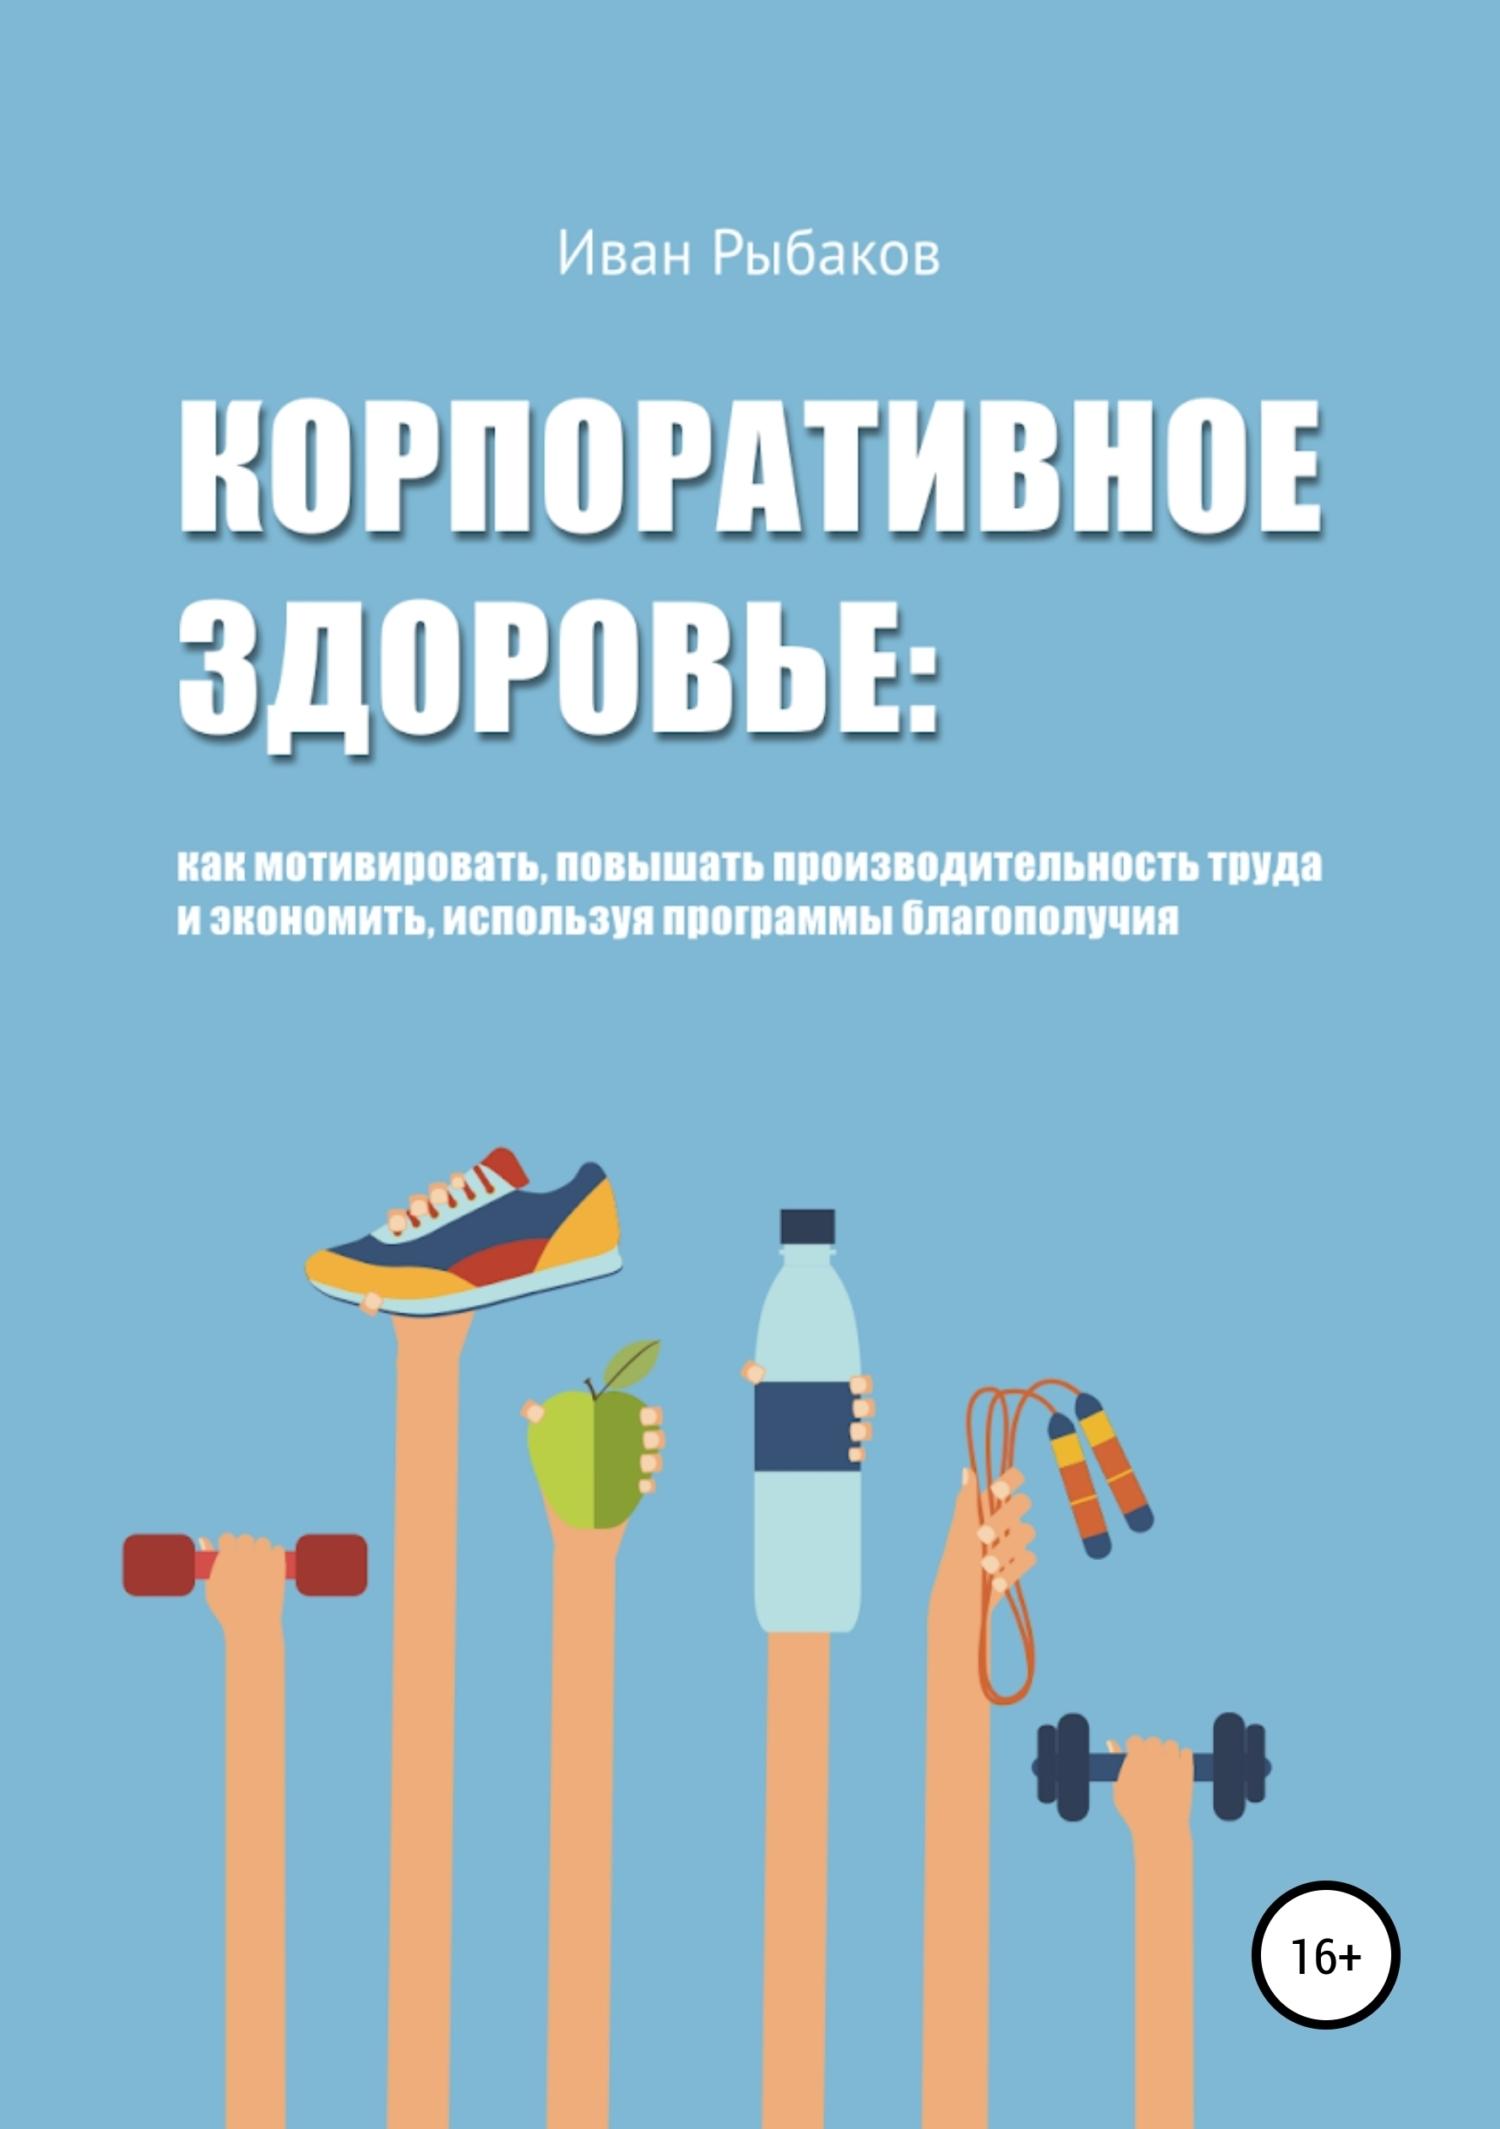 Обложка книги. Автор - Иван Рыбаков